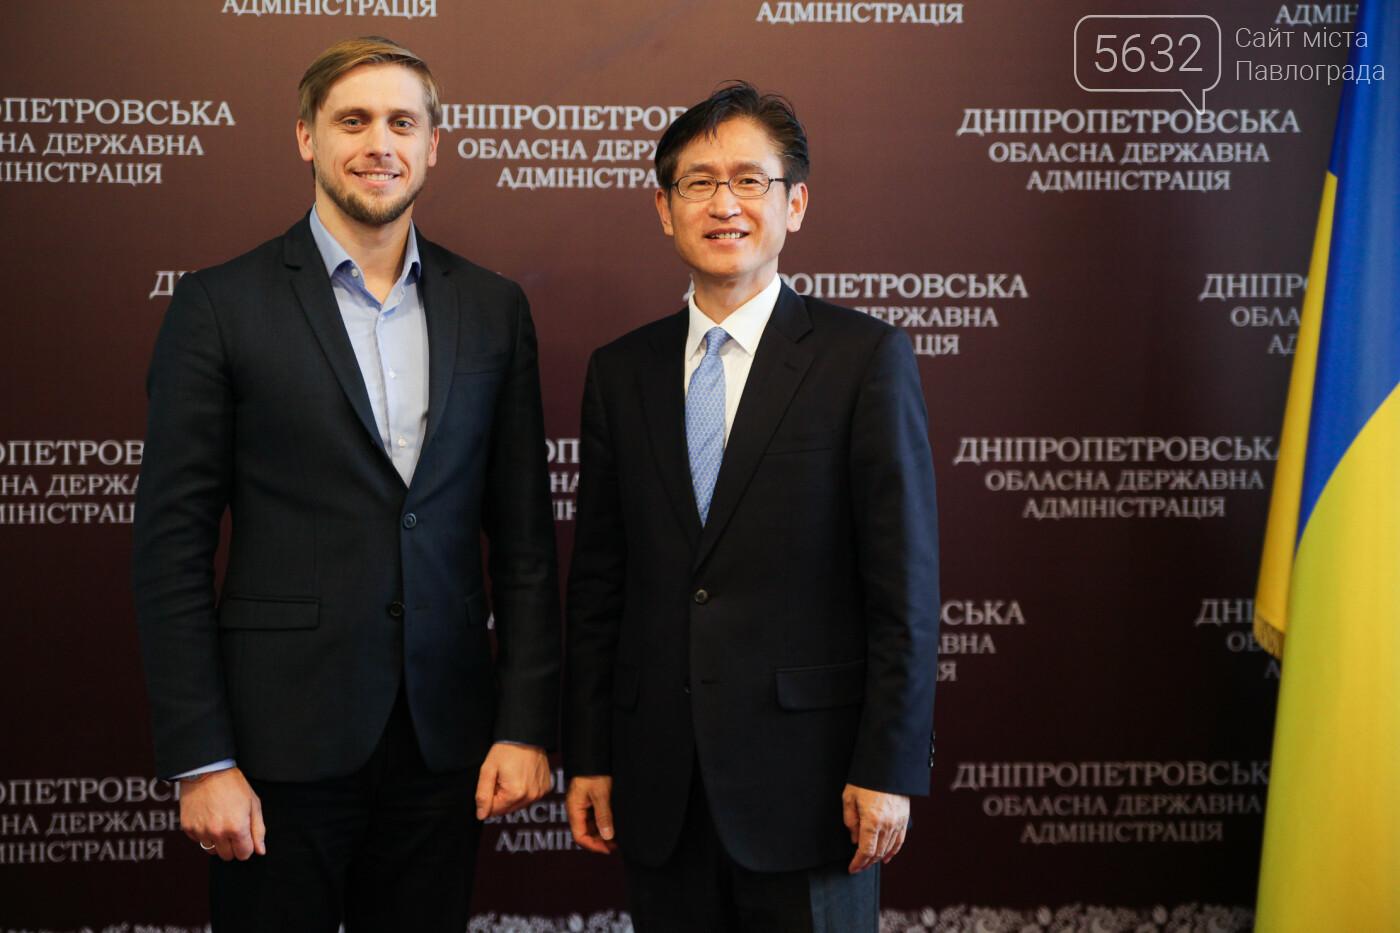 Корейські фахівці допомагатимуть Дніпропетровщині розвиватися у сфері новітніх технологій, фото-1